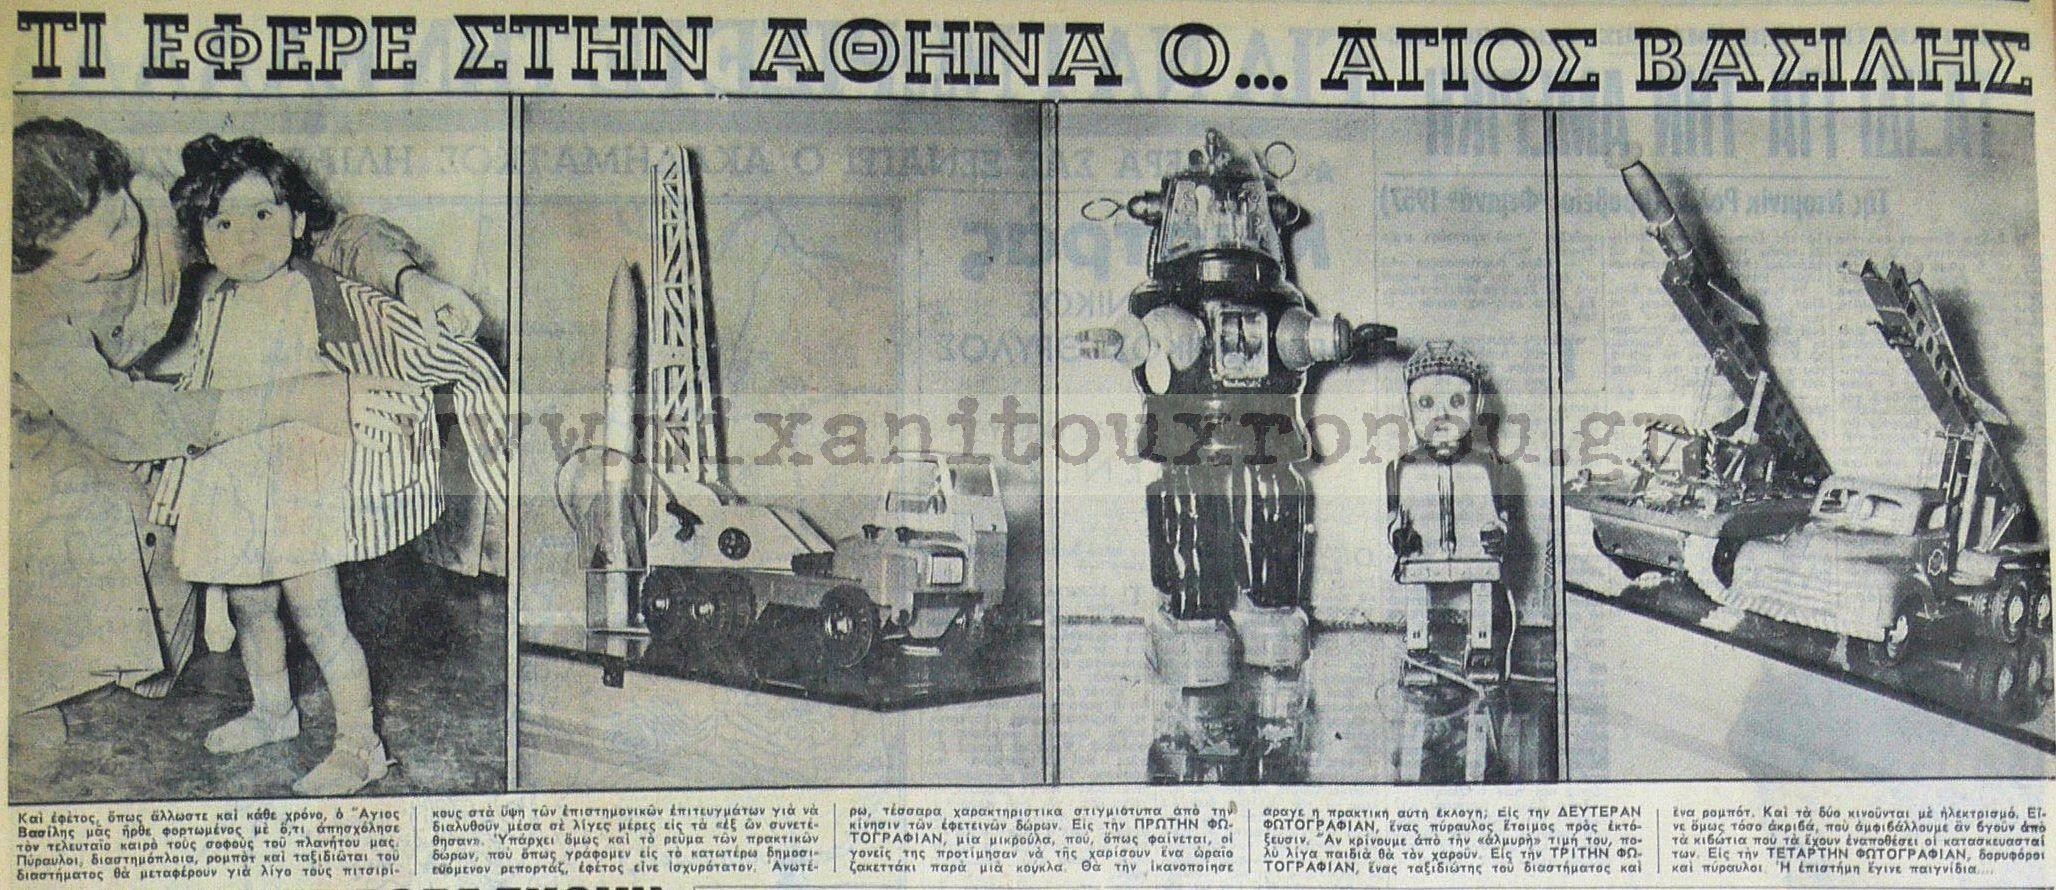 Τι έφερε ο Άη Βασίλης στα παιδιά το 1958; Η ανθρωπότητα έφτιαχνε διαστημόπλοια, αλλά η μαμά ποτέ δεν ξεχνούσε τη ζακέτα